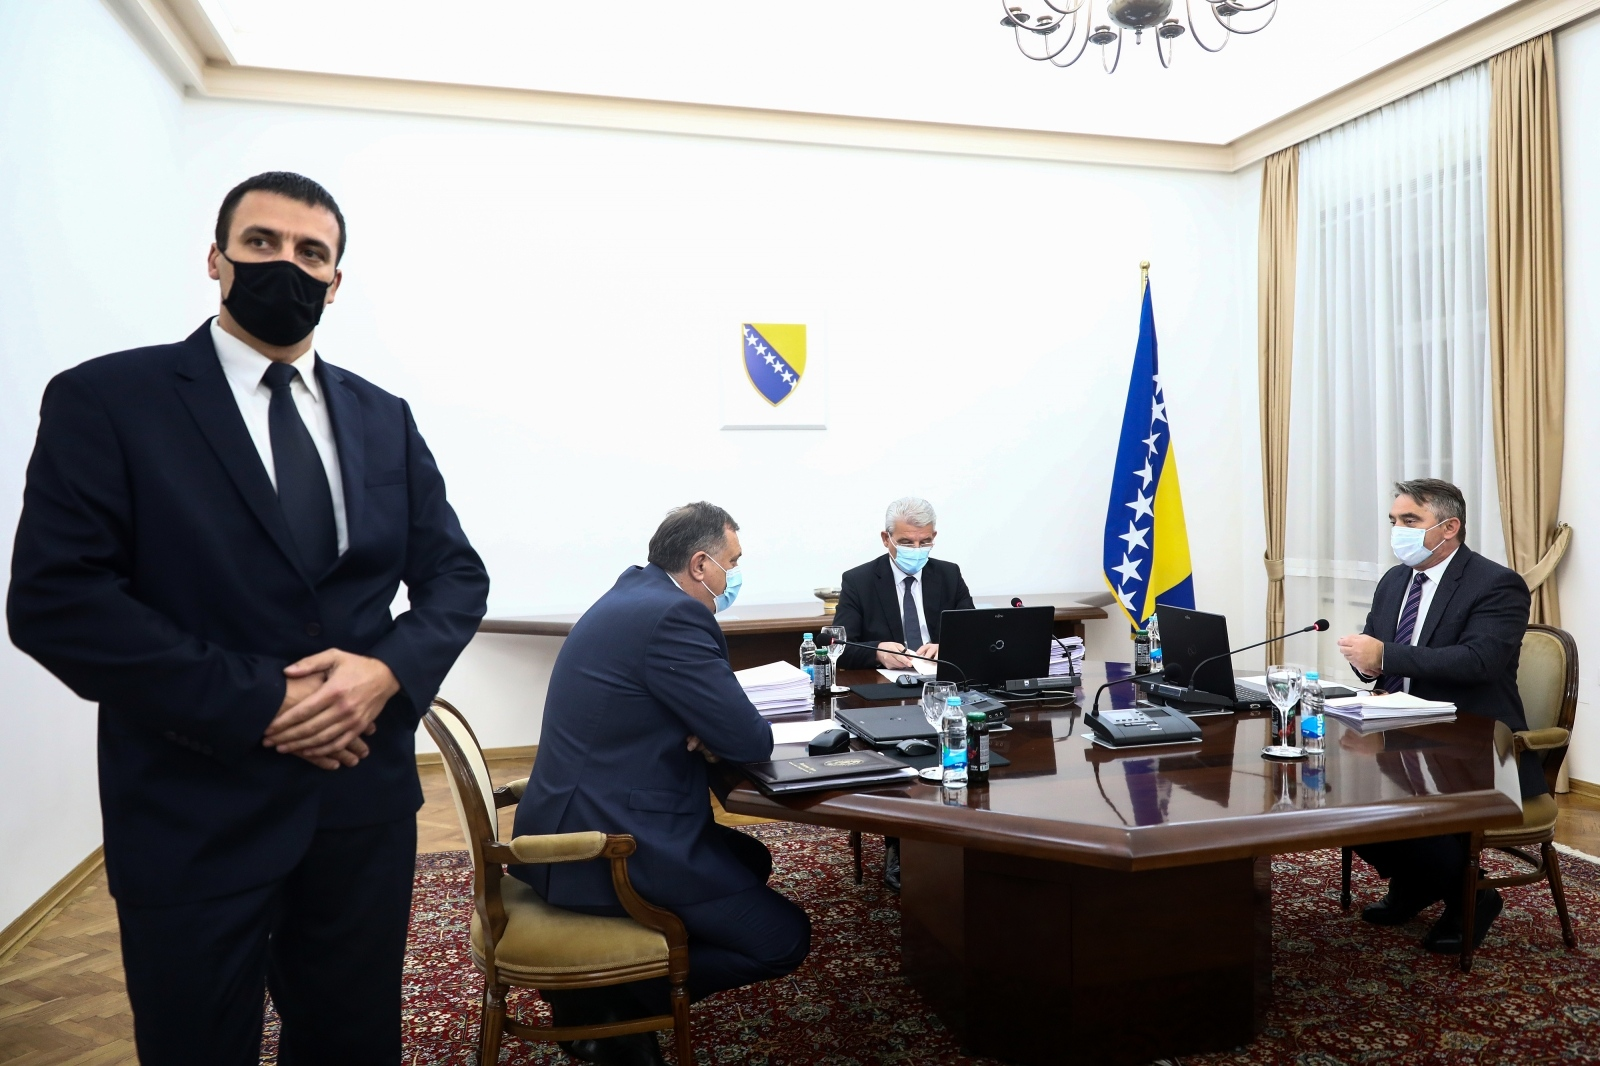 NOVI AMERIČKI POSEBNI IZASLANIK ZAGRMIO: Za korupciju u BiH vrlo ćemo agresivno koristiti sankcije!